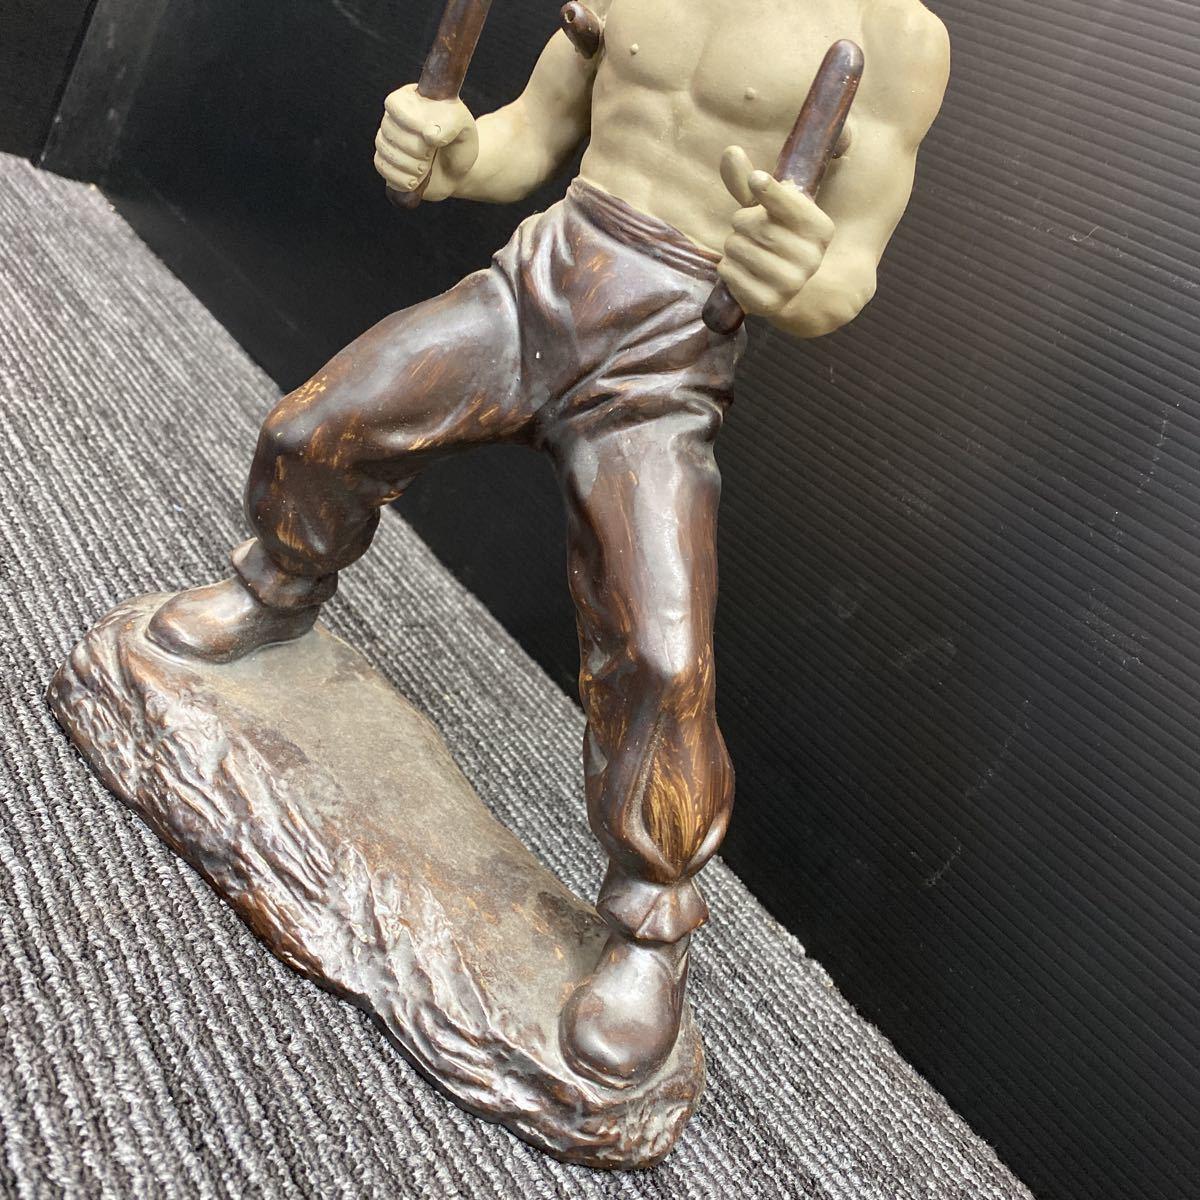 【美品】ブルース・リー 陶器 フィギュア 映画 李小龍 燃えよドラゴン 人形 デッドストック_画像4